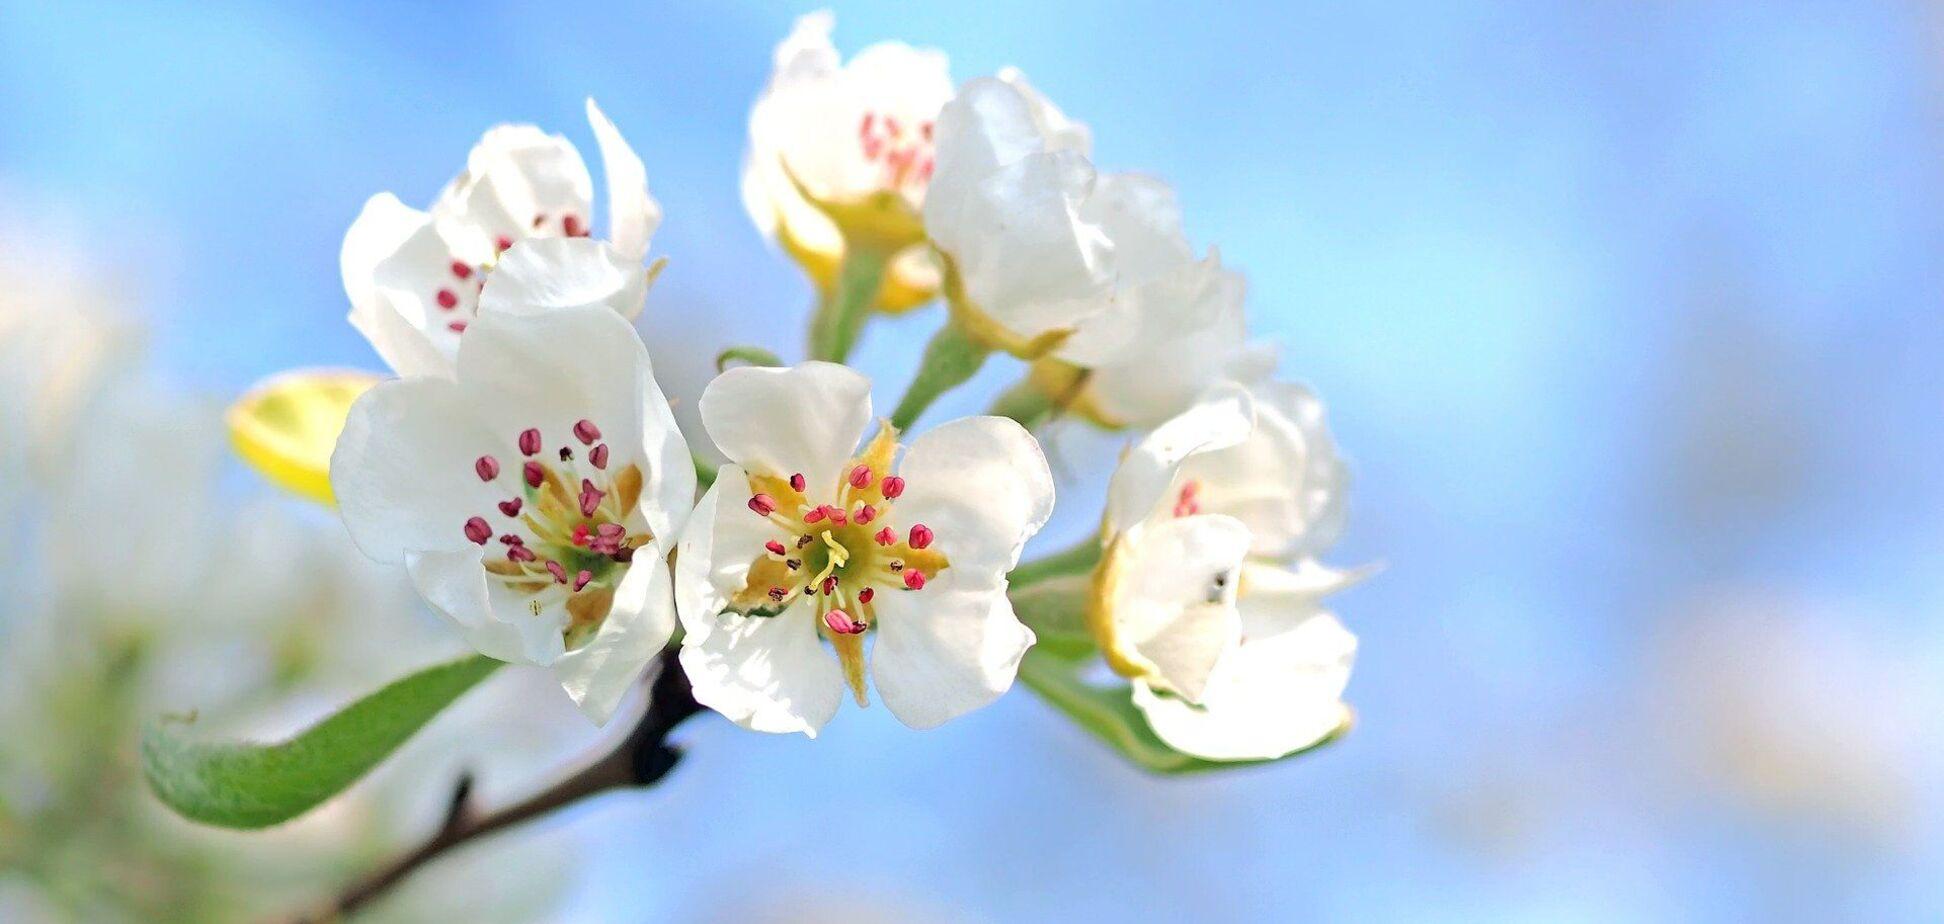 12 апреля: праздники, приметы и именинники